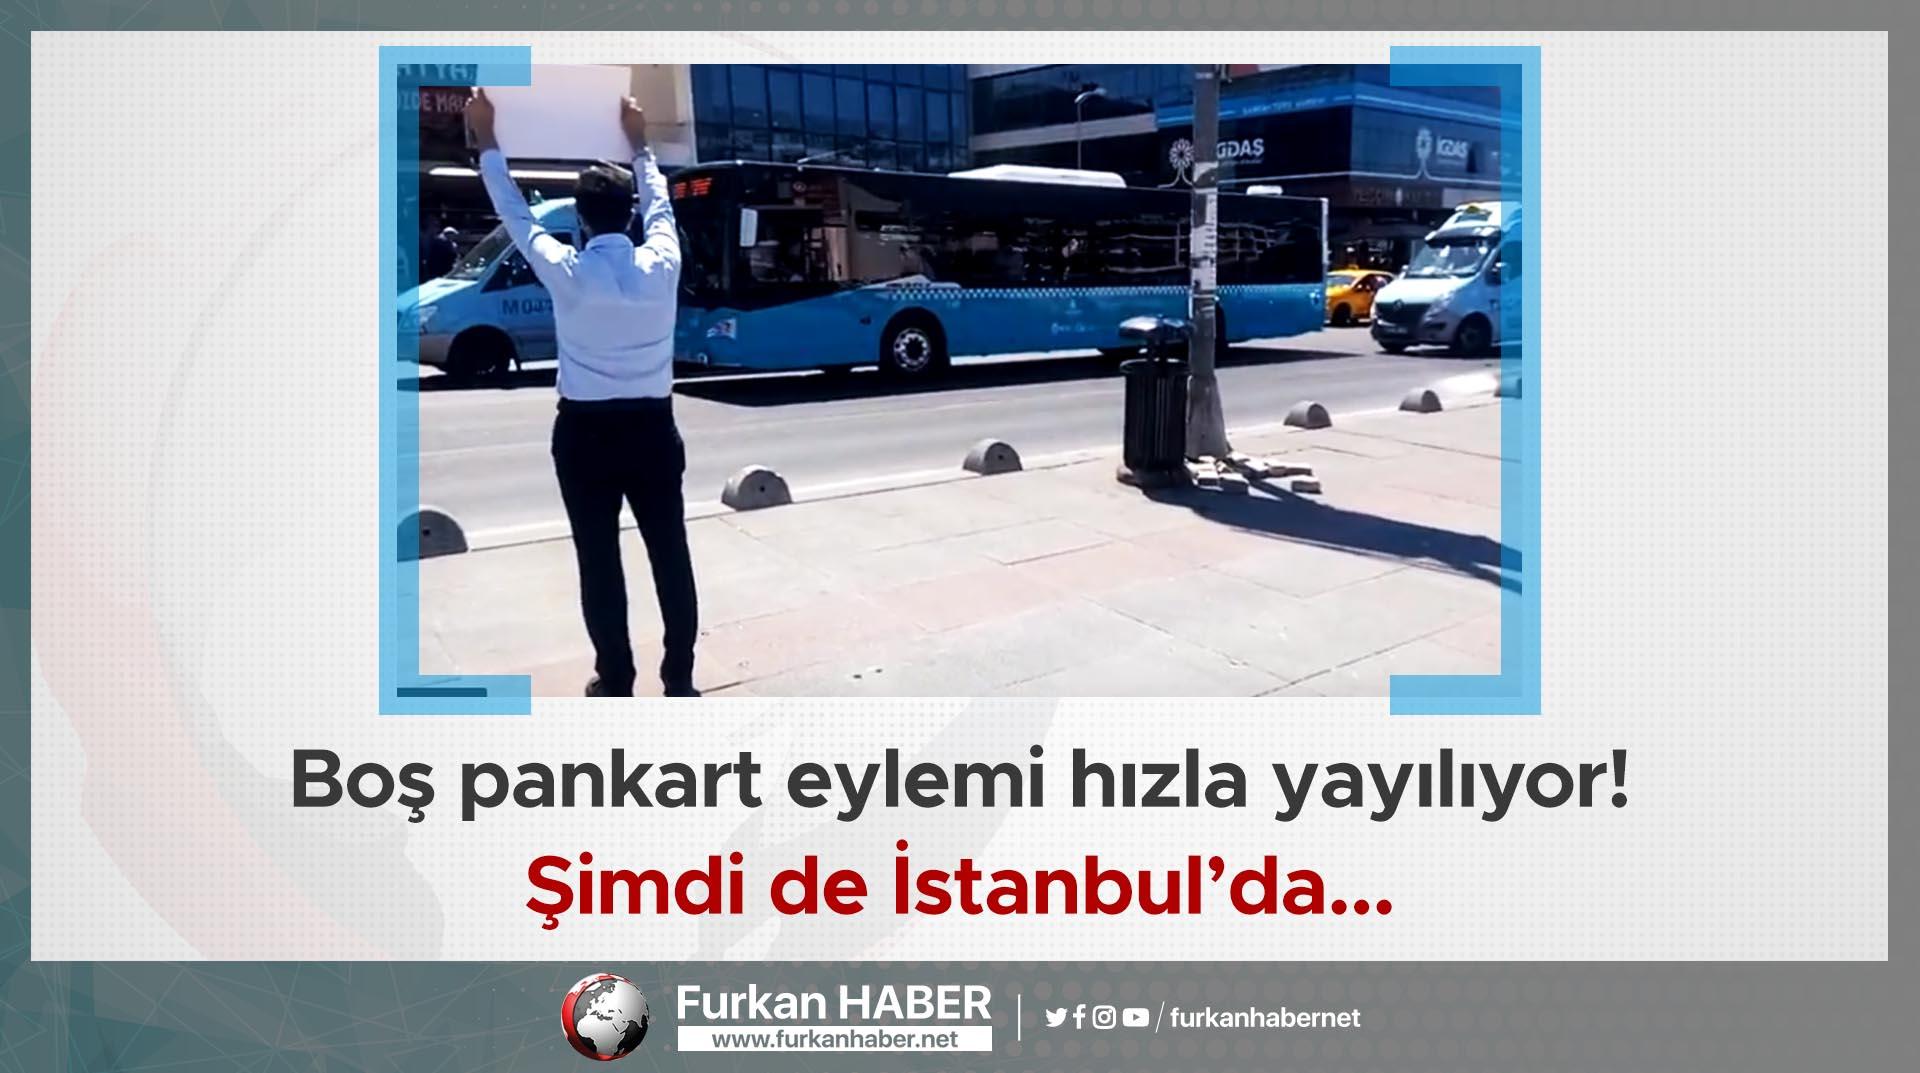 Boş pankart eylemi hızla yayılıyor! Şimdi de İstanbul'da...